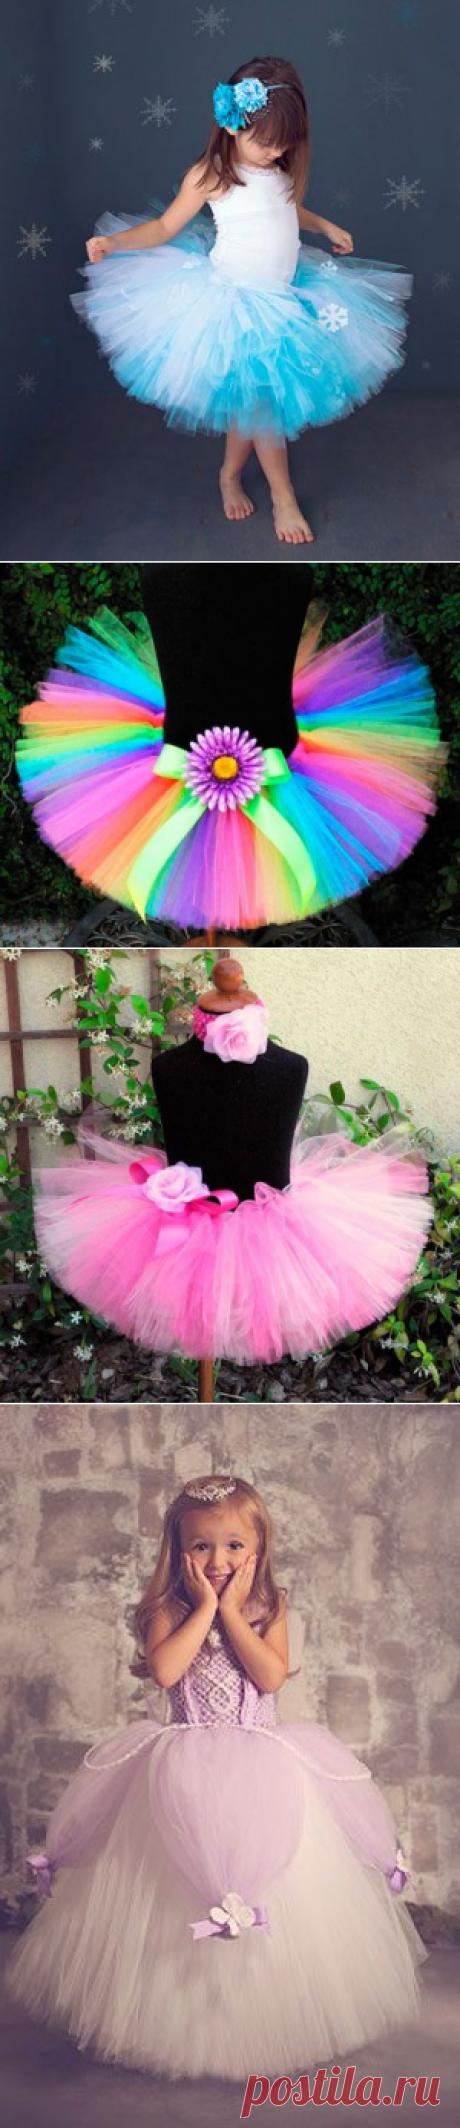 Новогодние костюмы для девочек: пышная юбка своими руками / Малютка